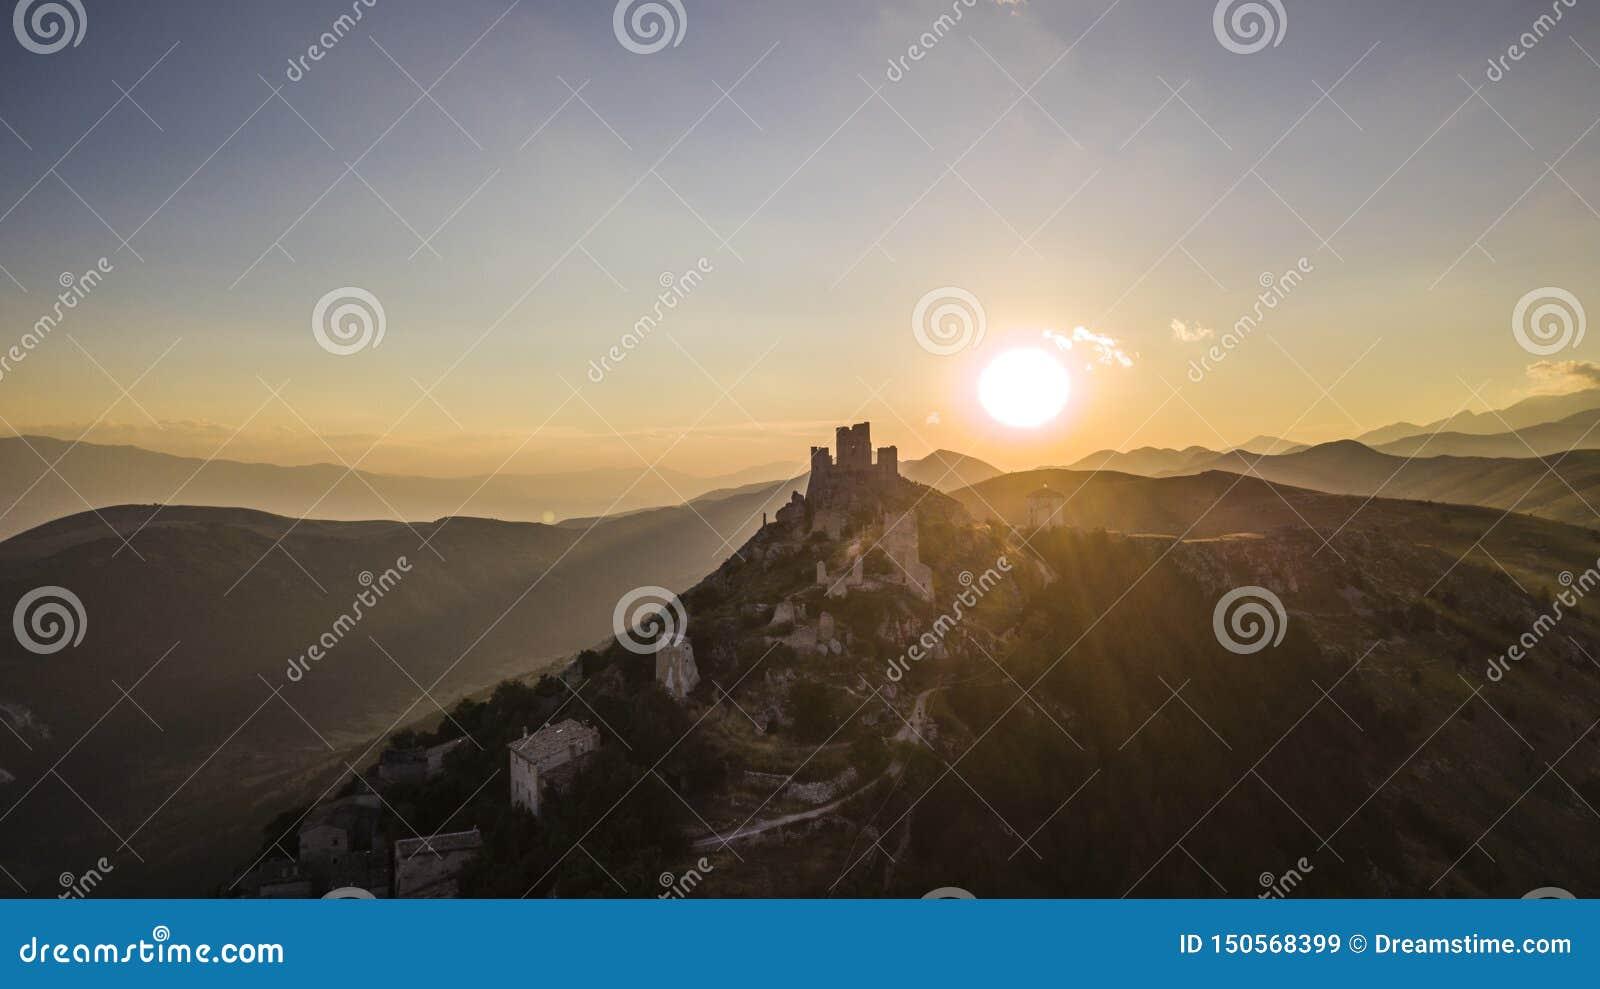 Sunset of the castle, Rocca Calascio, Abruzzo, Italy